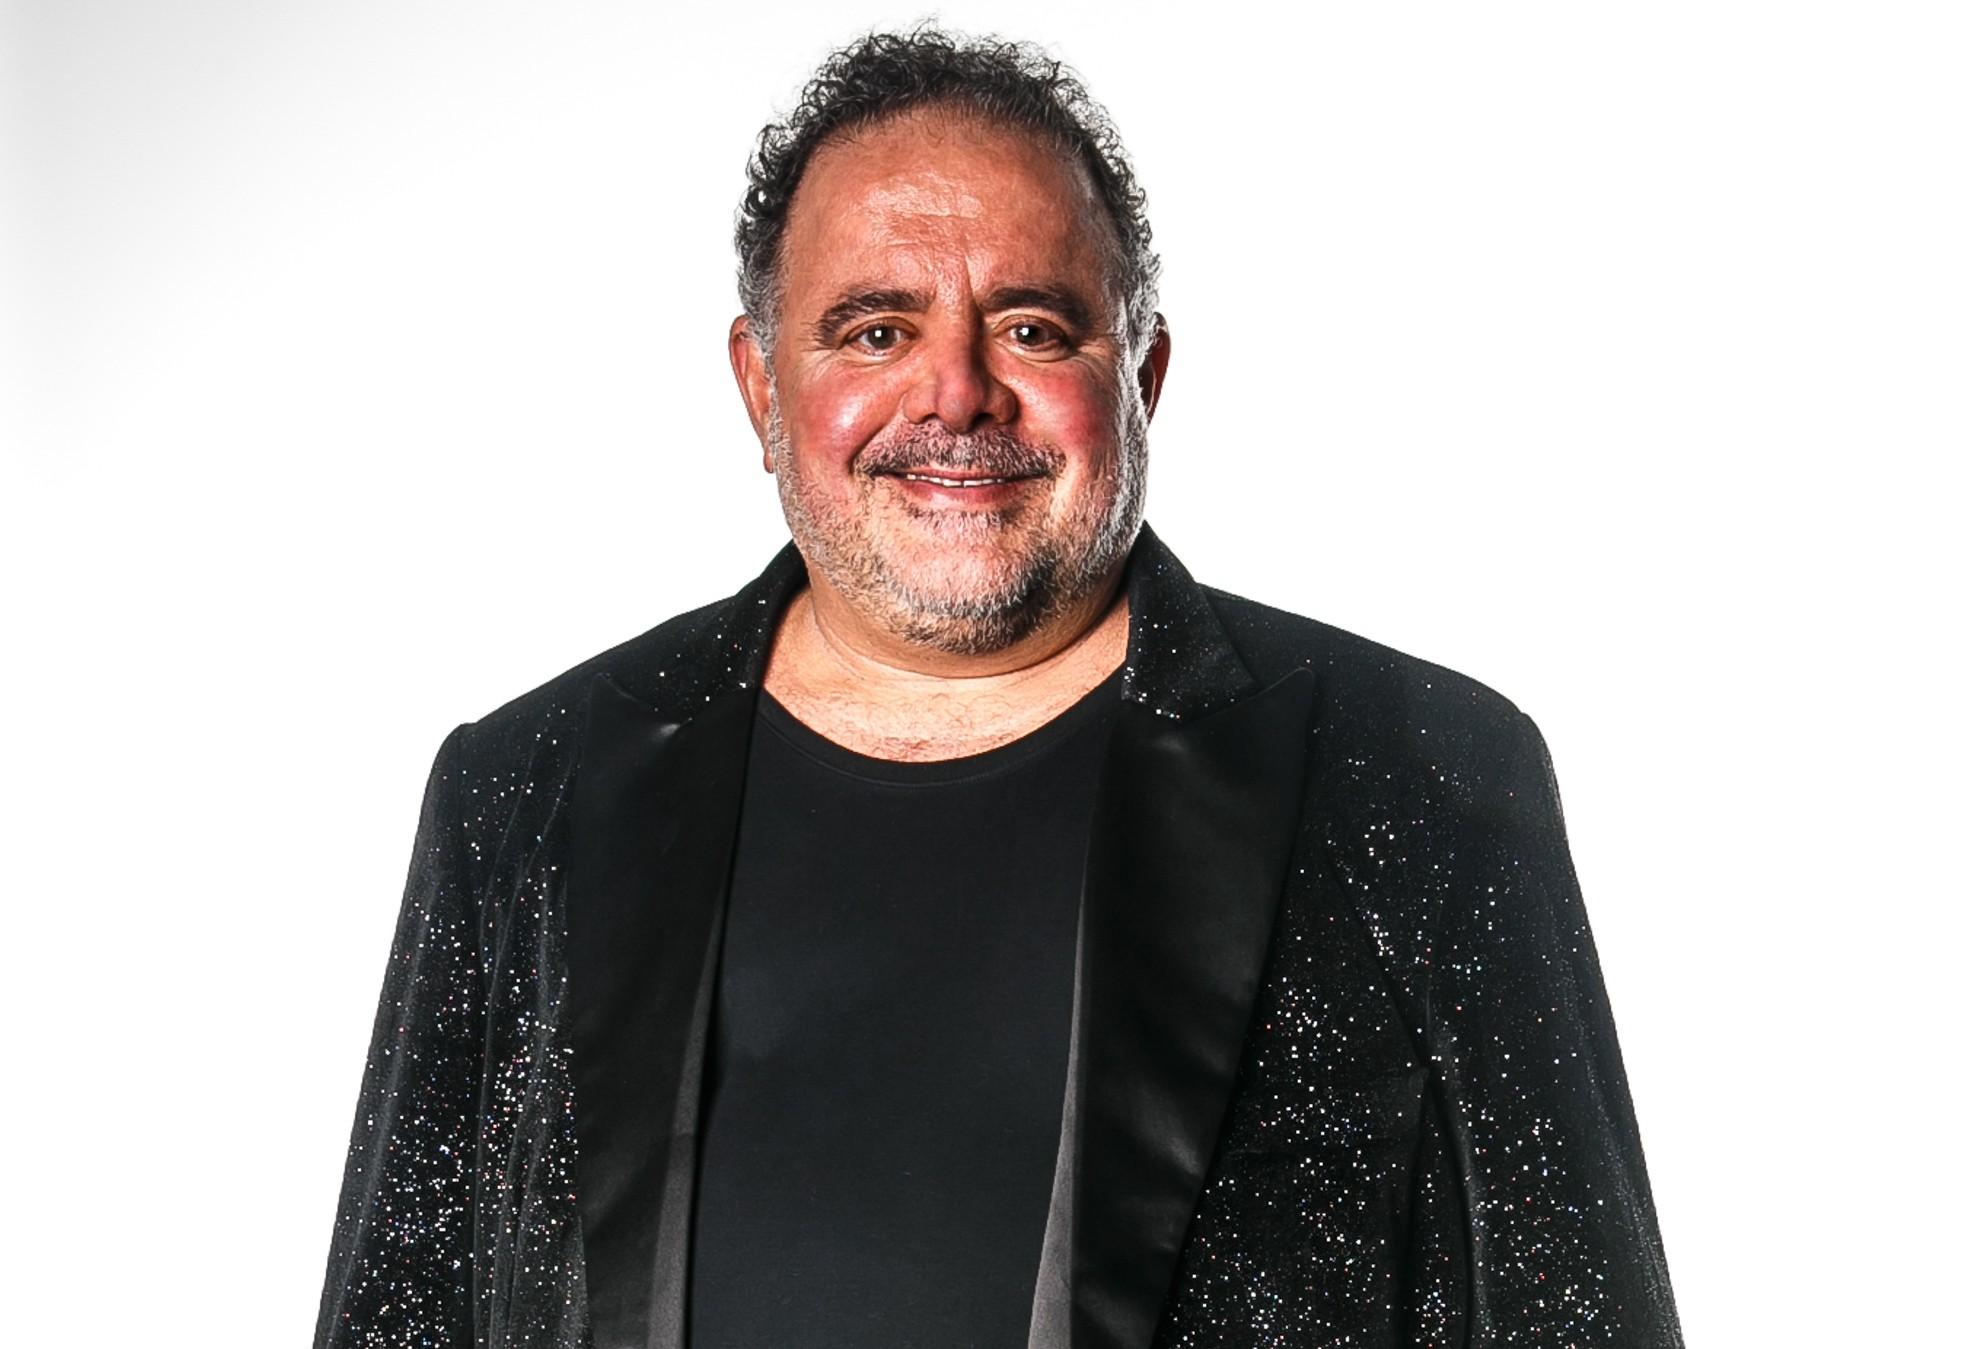 Leo Jaime rebobina a canção 'Só' em single de série acústica